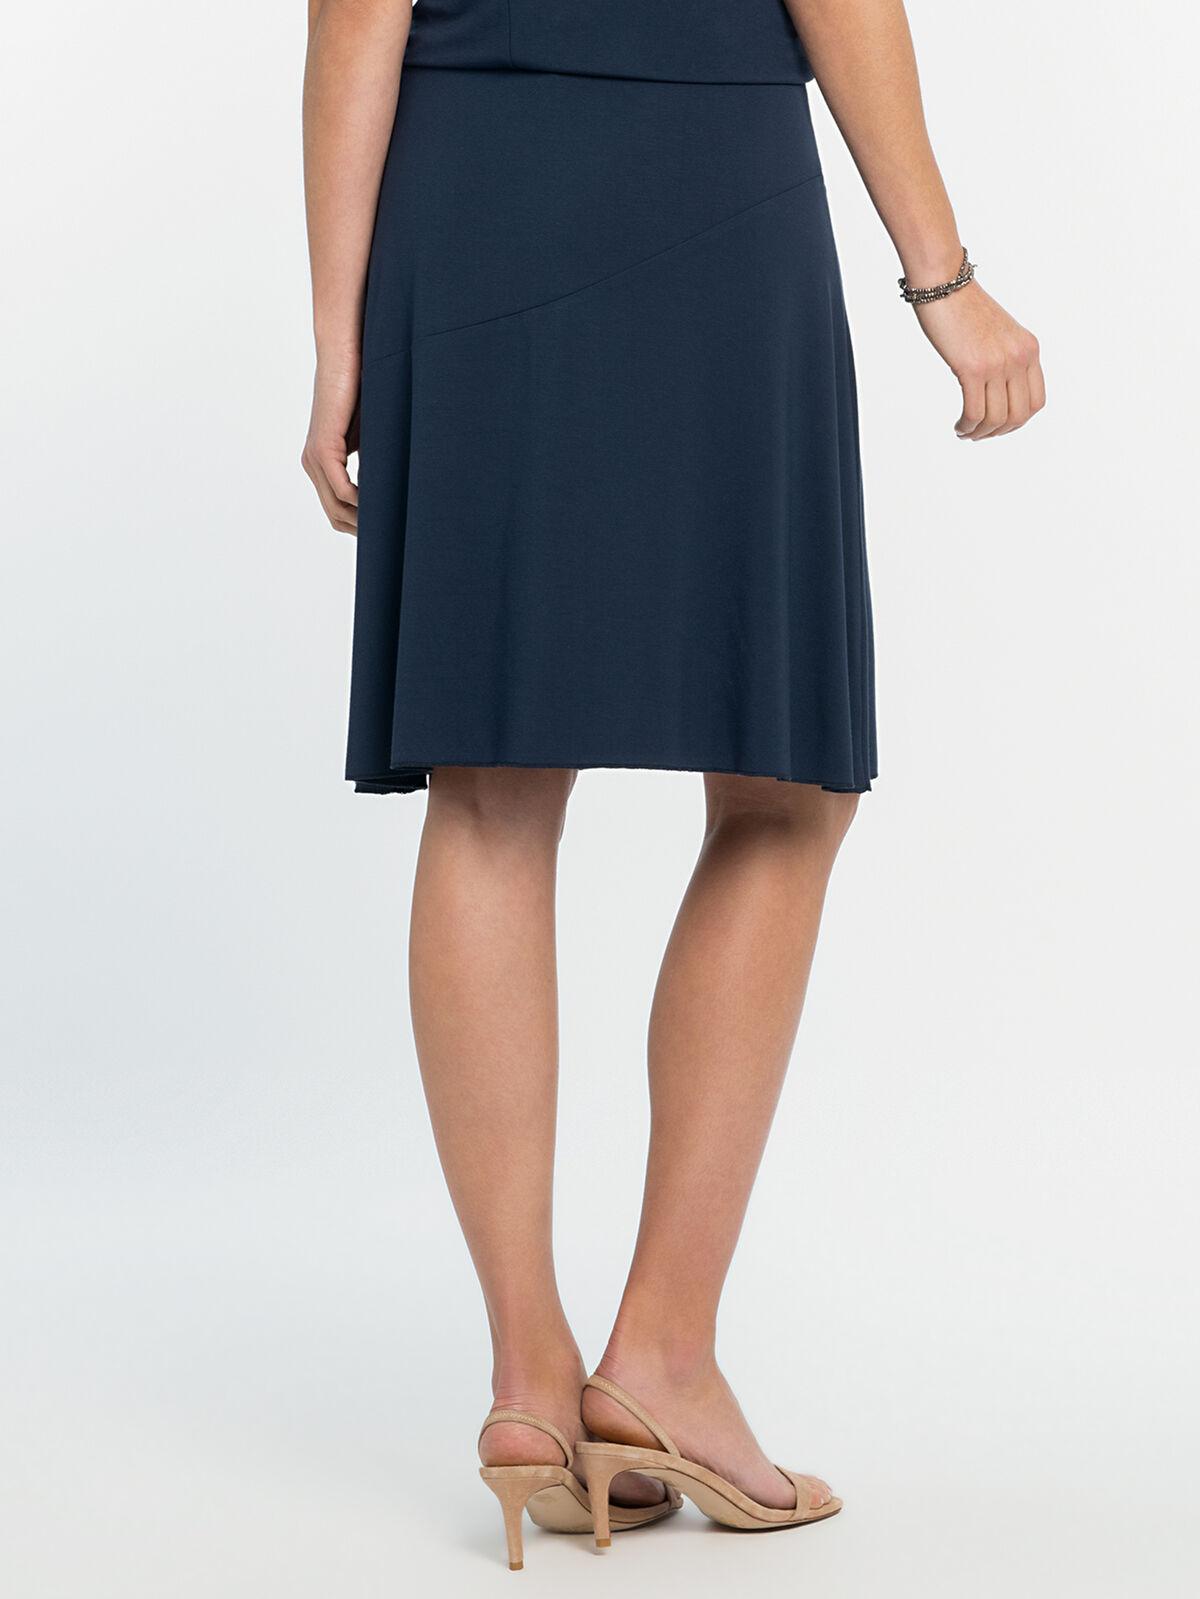 Eaze Skirt